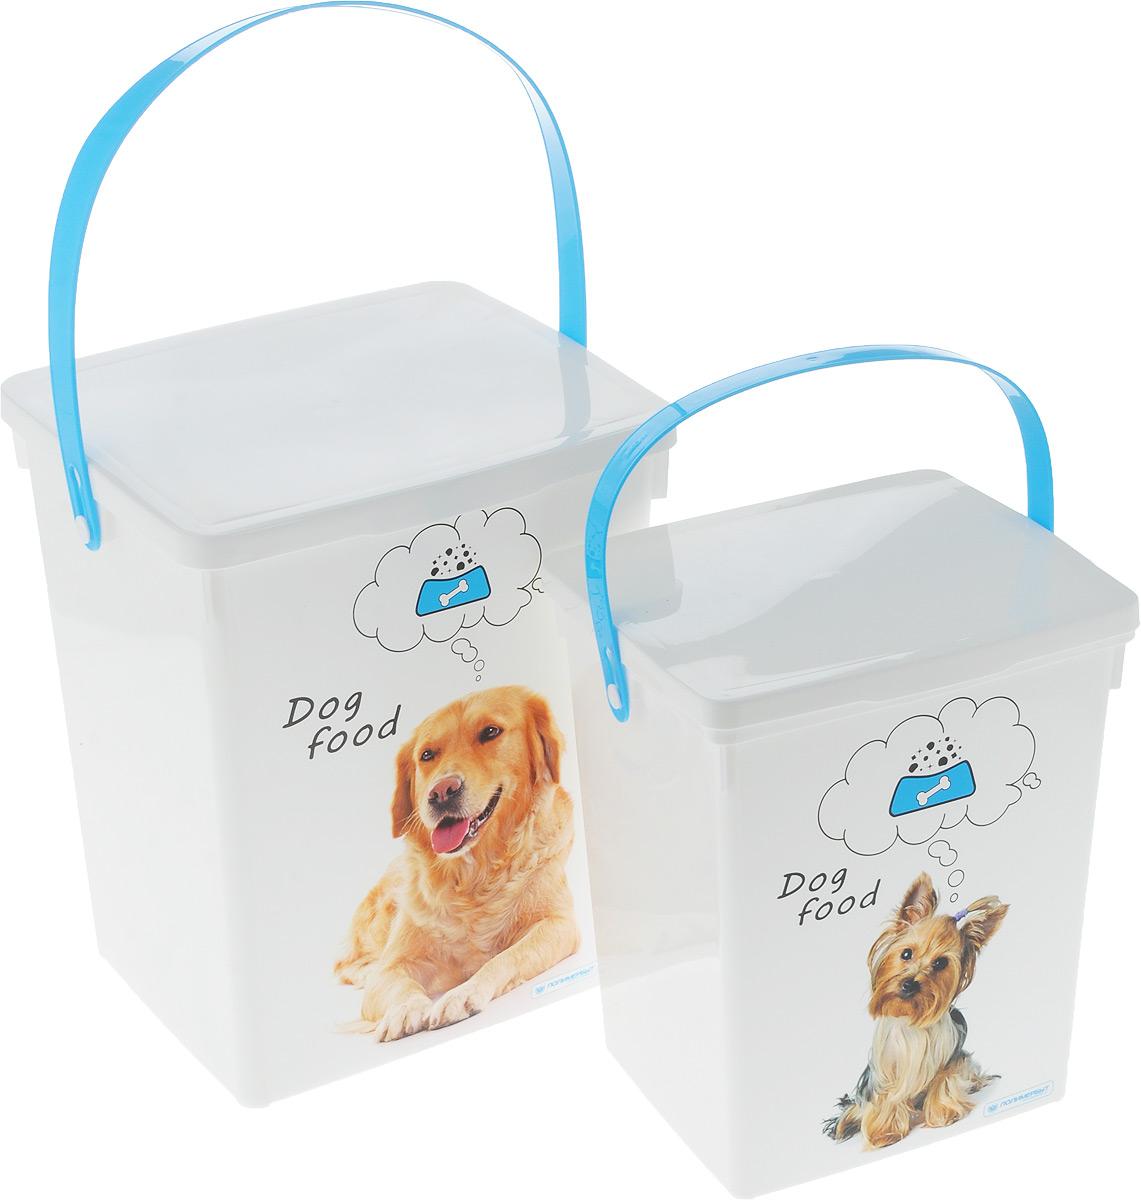 Комплект контейнеров для корма животных Полимербыт, 2 шт. SGHPBKP53SGHPBKP53Комплект Полимербыт состоит из двух контейнеров для хранения корма для животных, которые выполнены из пластика и оформлены оригинальным рисунком с изображением собак. Контейнеры оснащены подвижными ручками и крышками, которые плотно закрывают изделие. Многофункциональная вещь, которая пригодиться в быту для любых случаев. Удобные контейнеры в использование и хранении. Объём контейнеров: 5 л; 8,5 л.